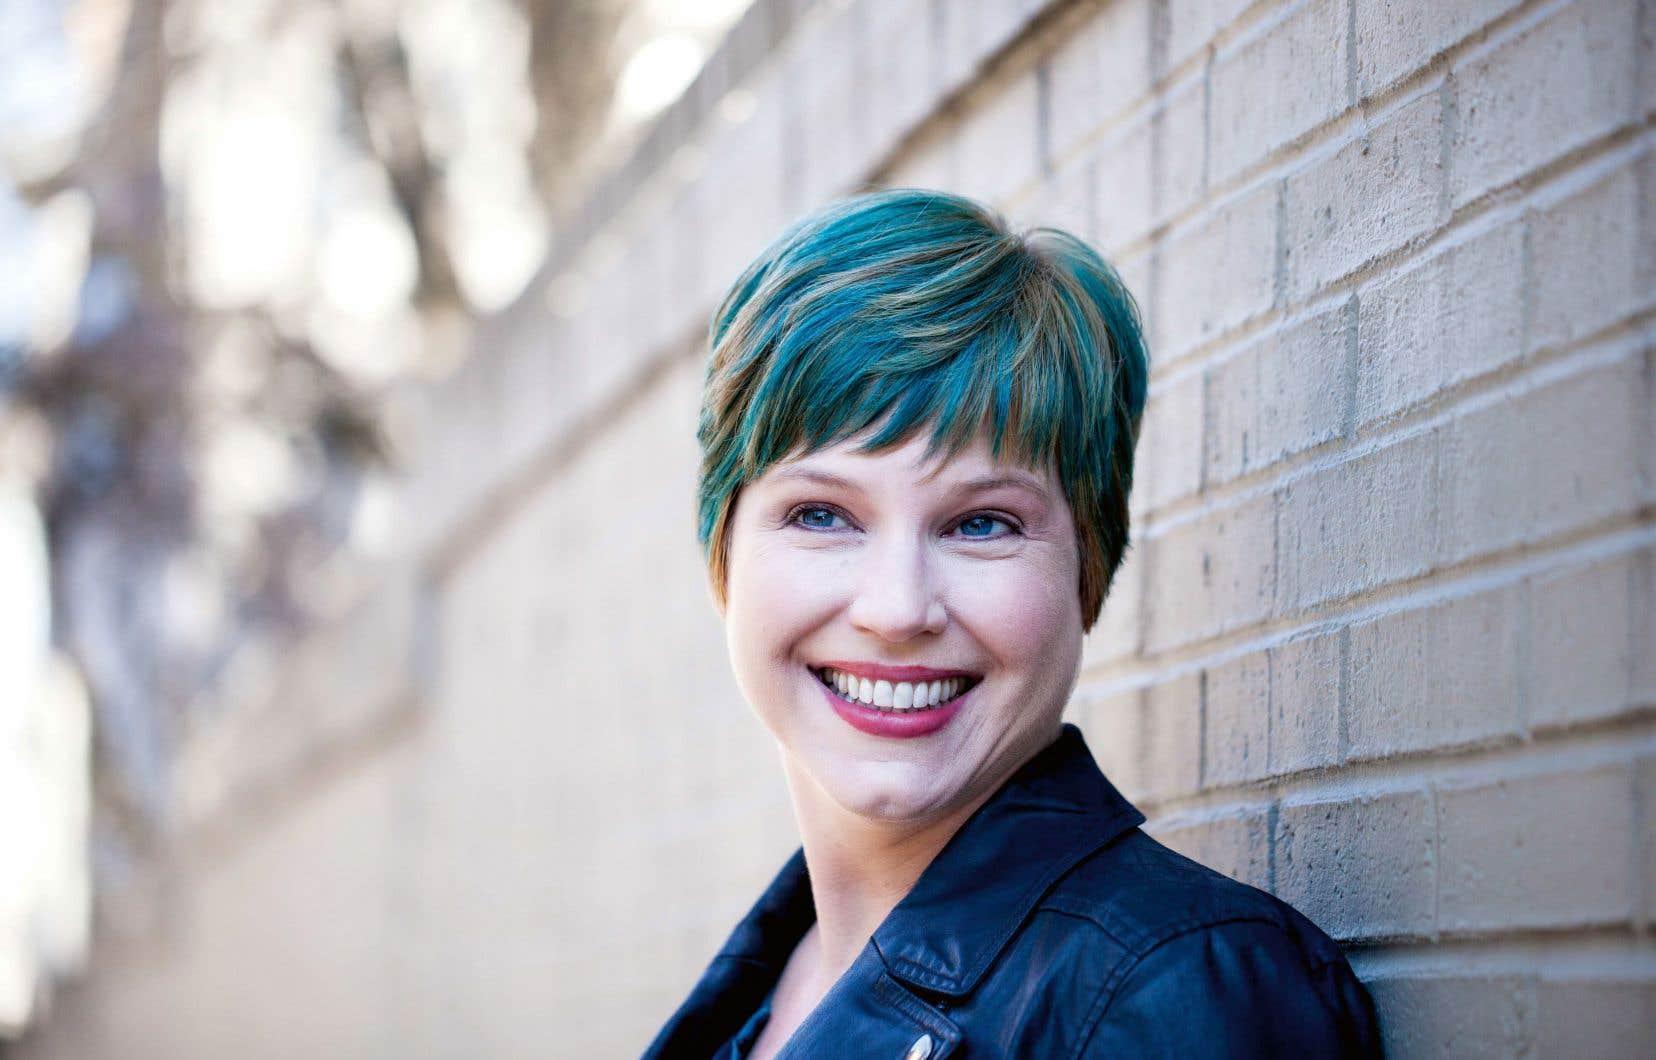 Gwenda Bond a adoré d'emblée la série de Netflix «Stranger Things», que même Stephen King, son auteur fétiche, a saluée.